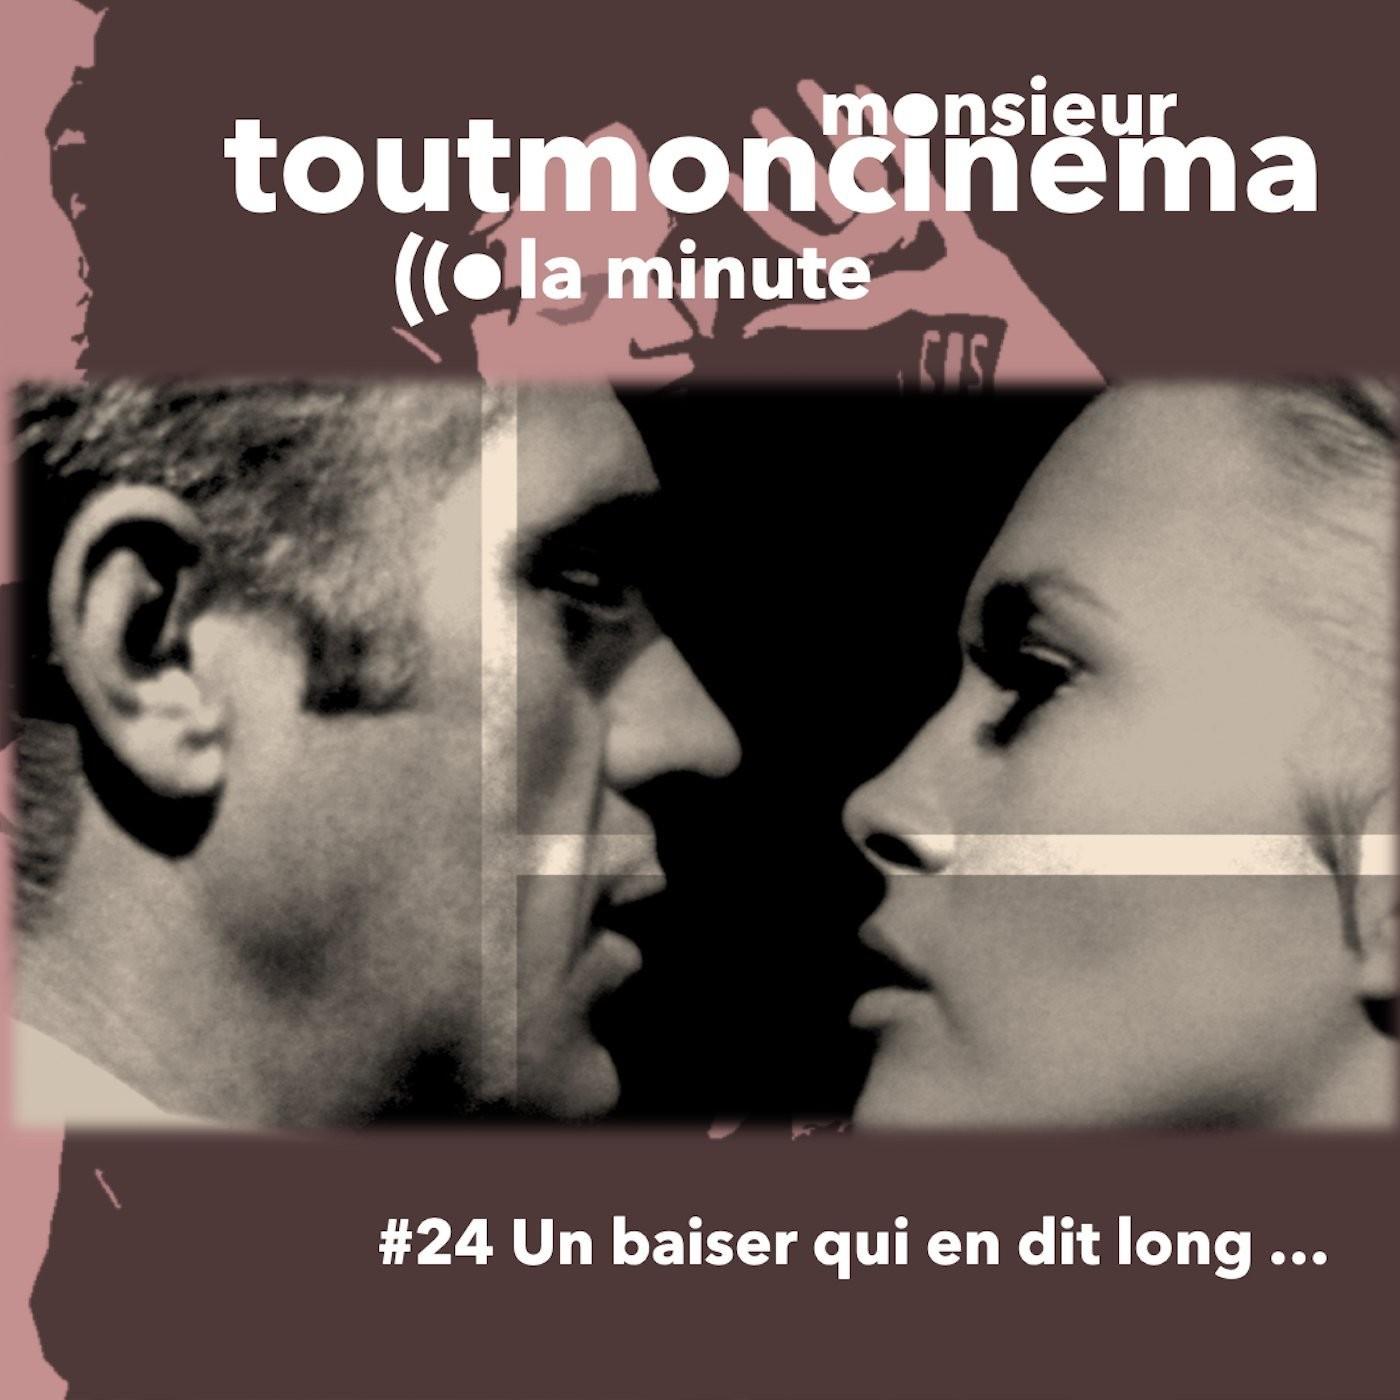 #24 Un baiser qui en dit long ... (L'Affaire Thomas Crown)